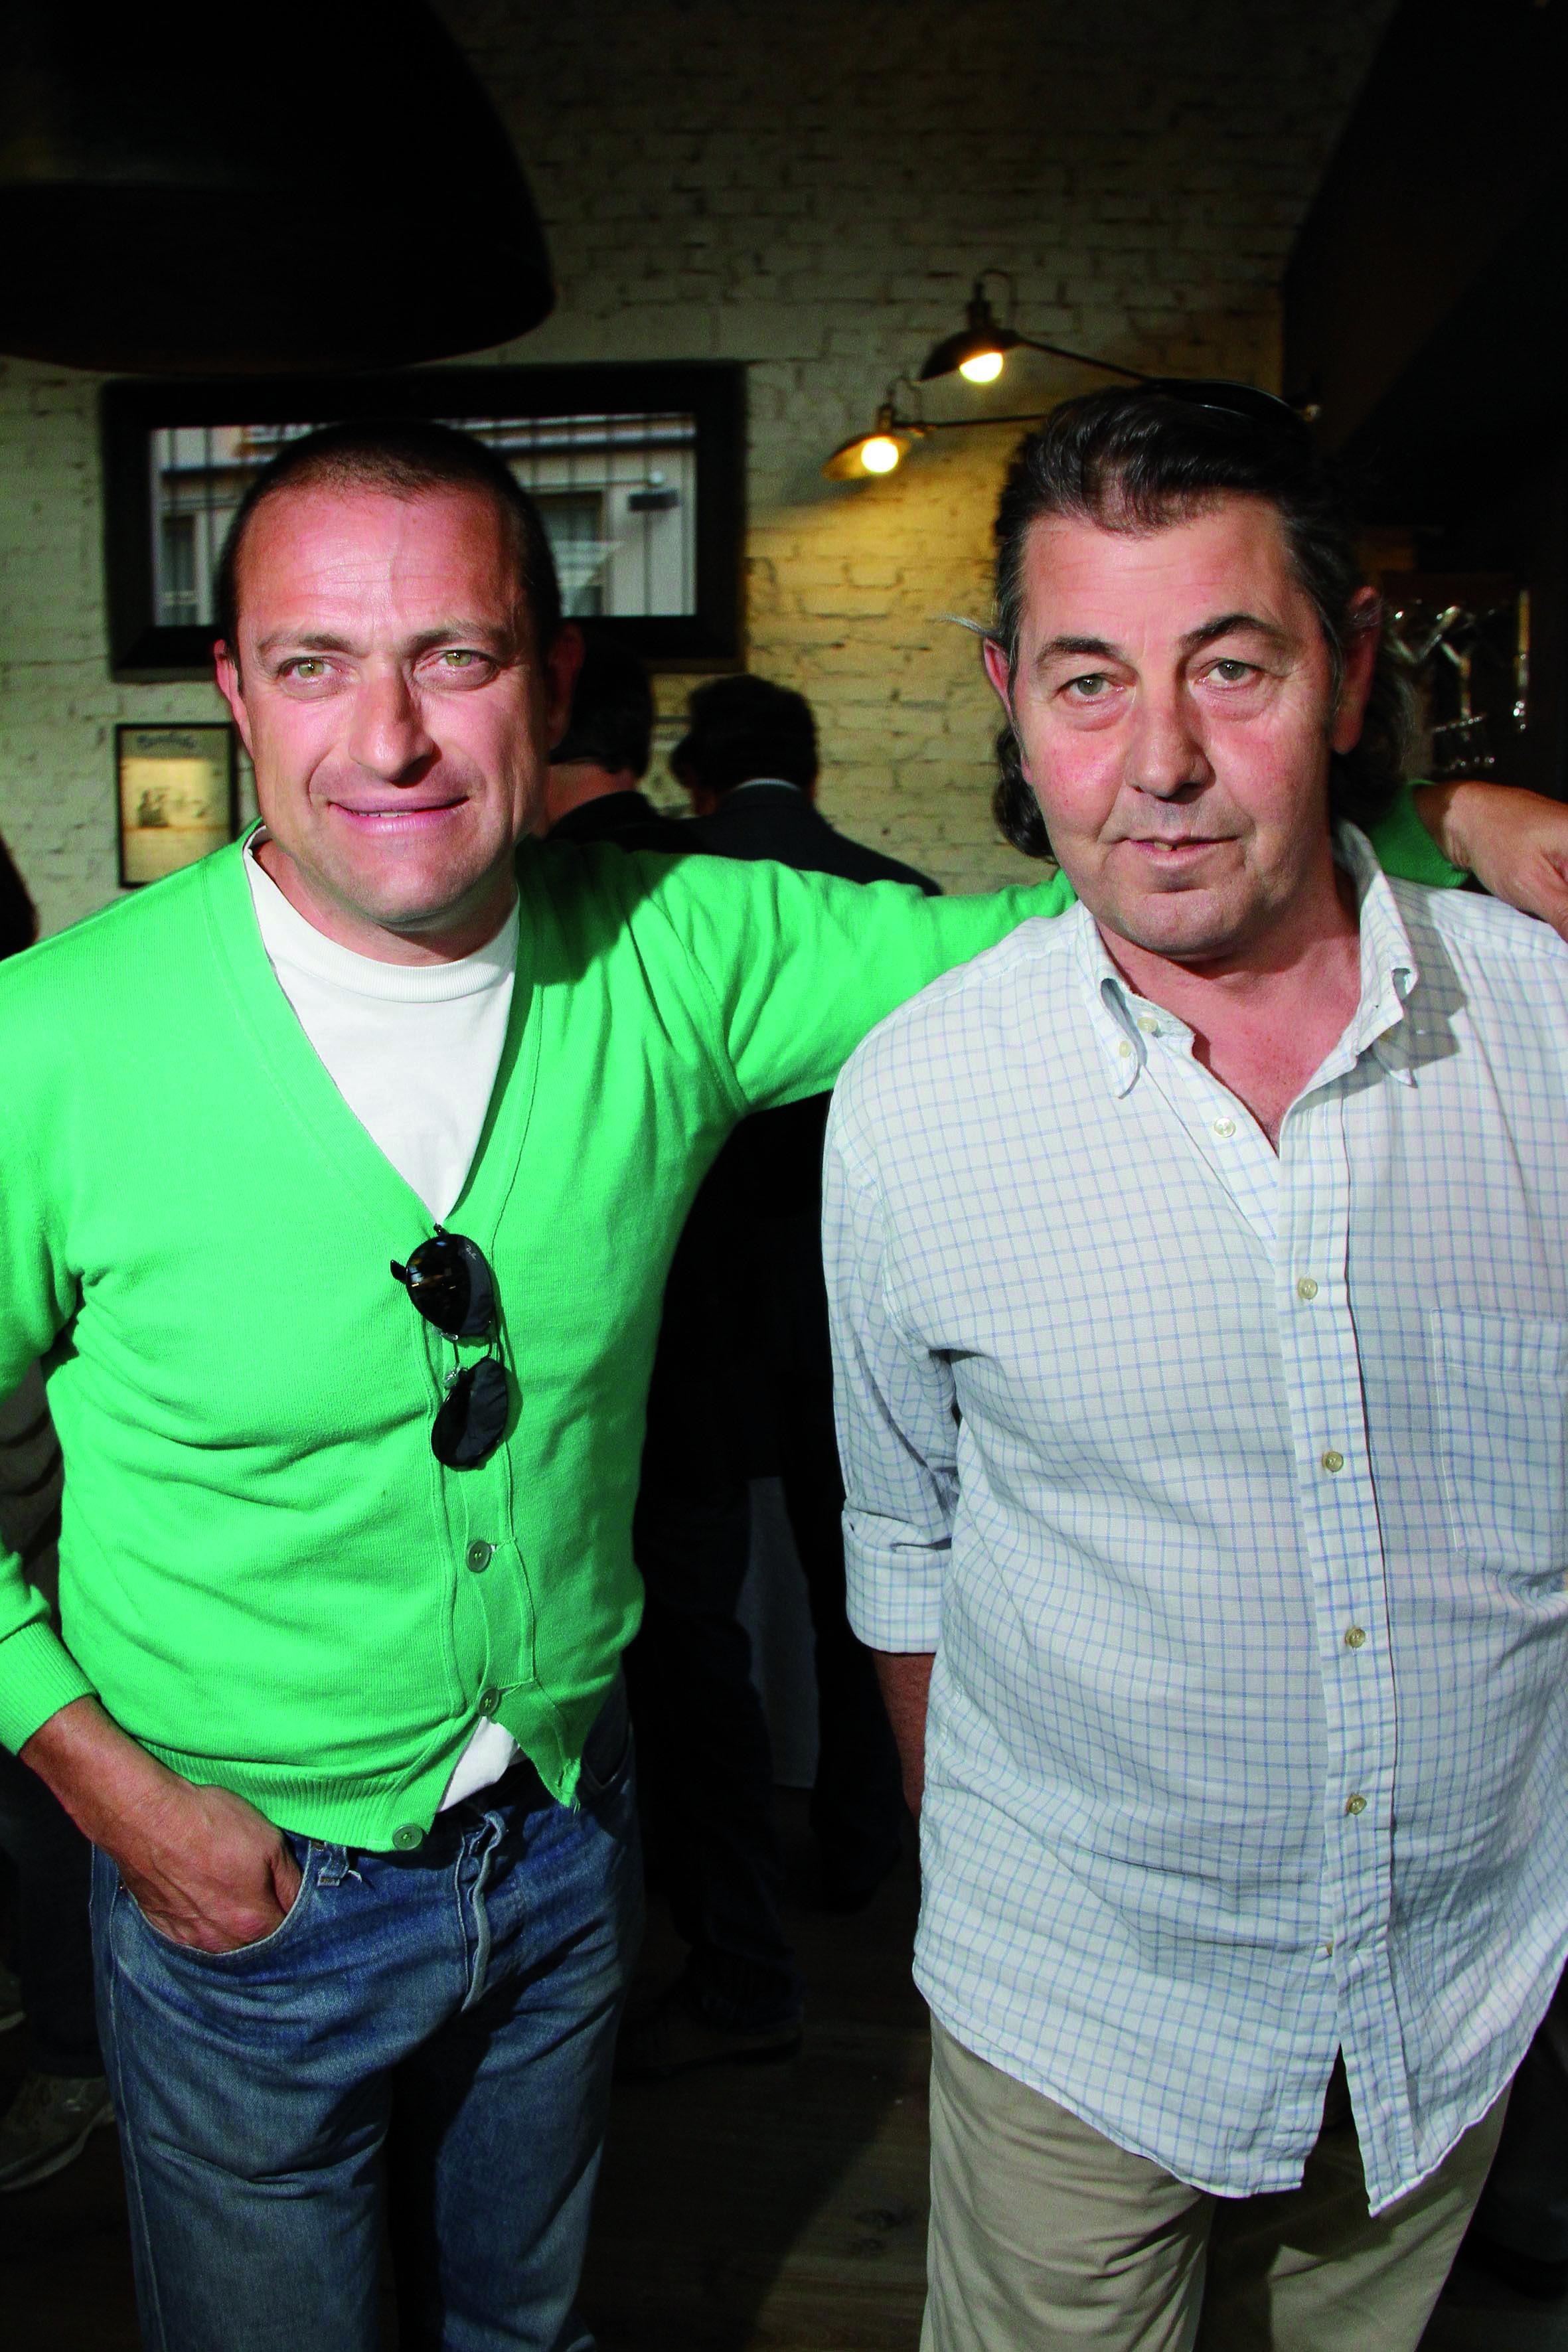 PRESSPHOTO Firenze Magazine, inaugurazione Outside Bistrot: Davide Arrighetti e Roberto Trecchio